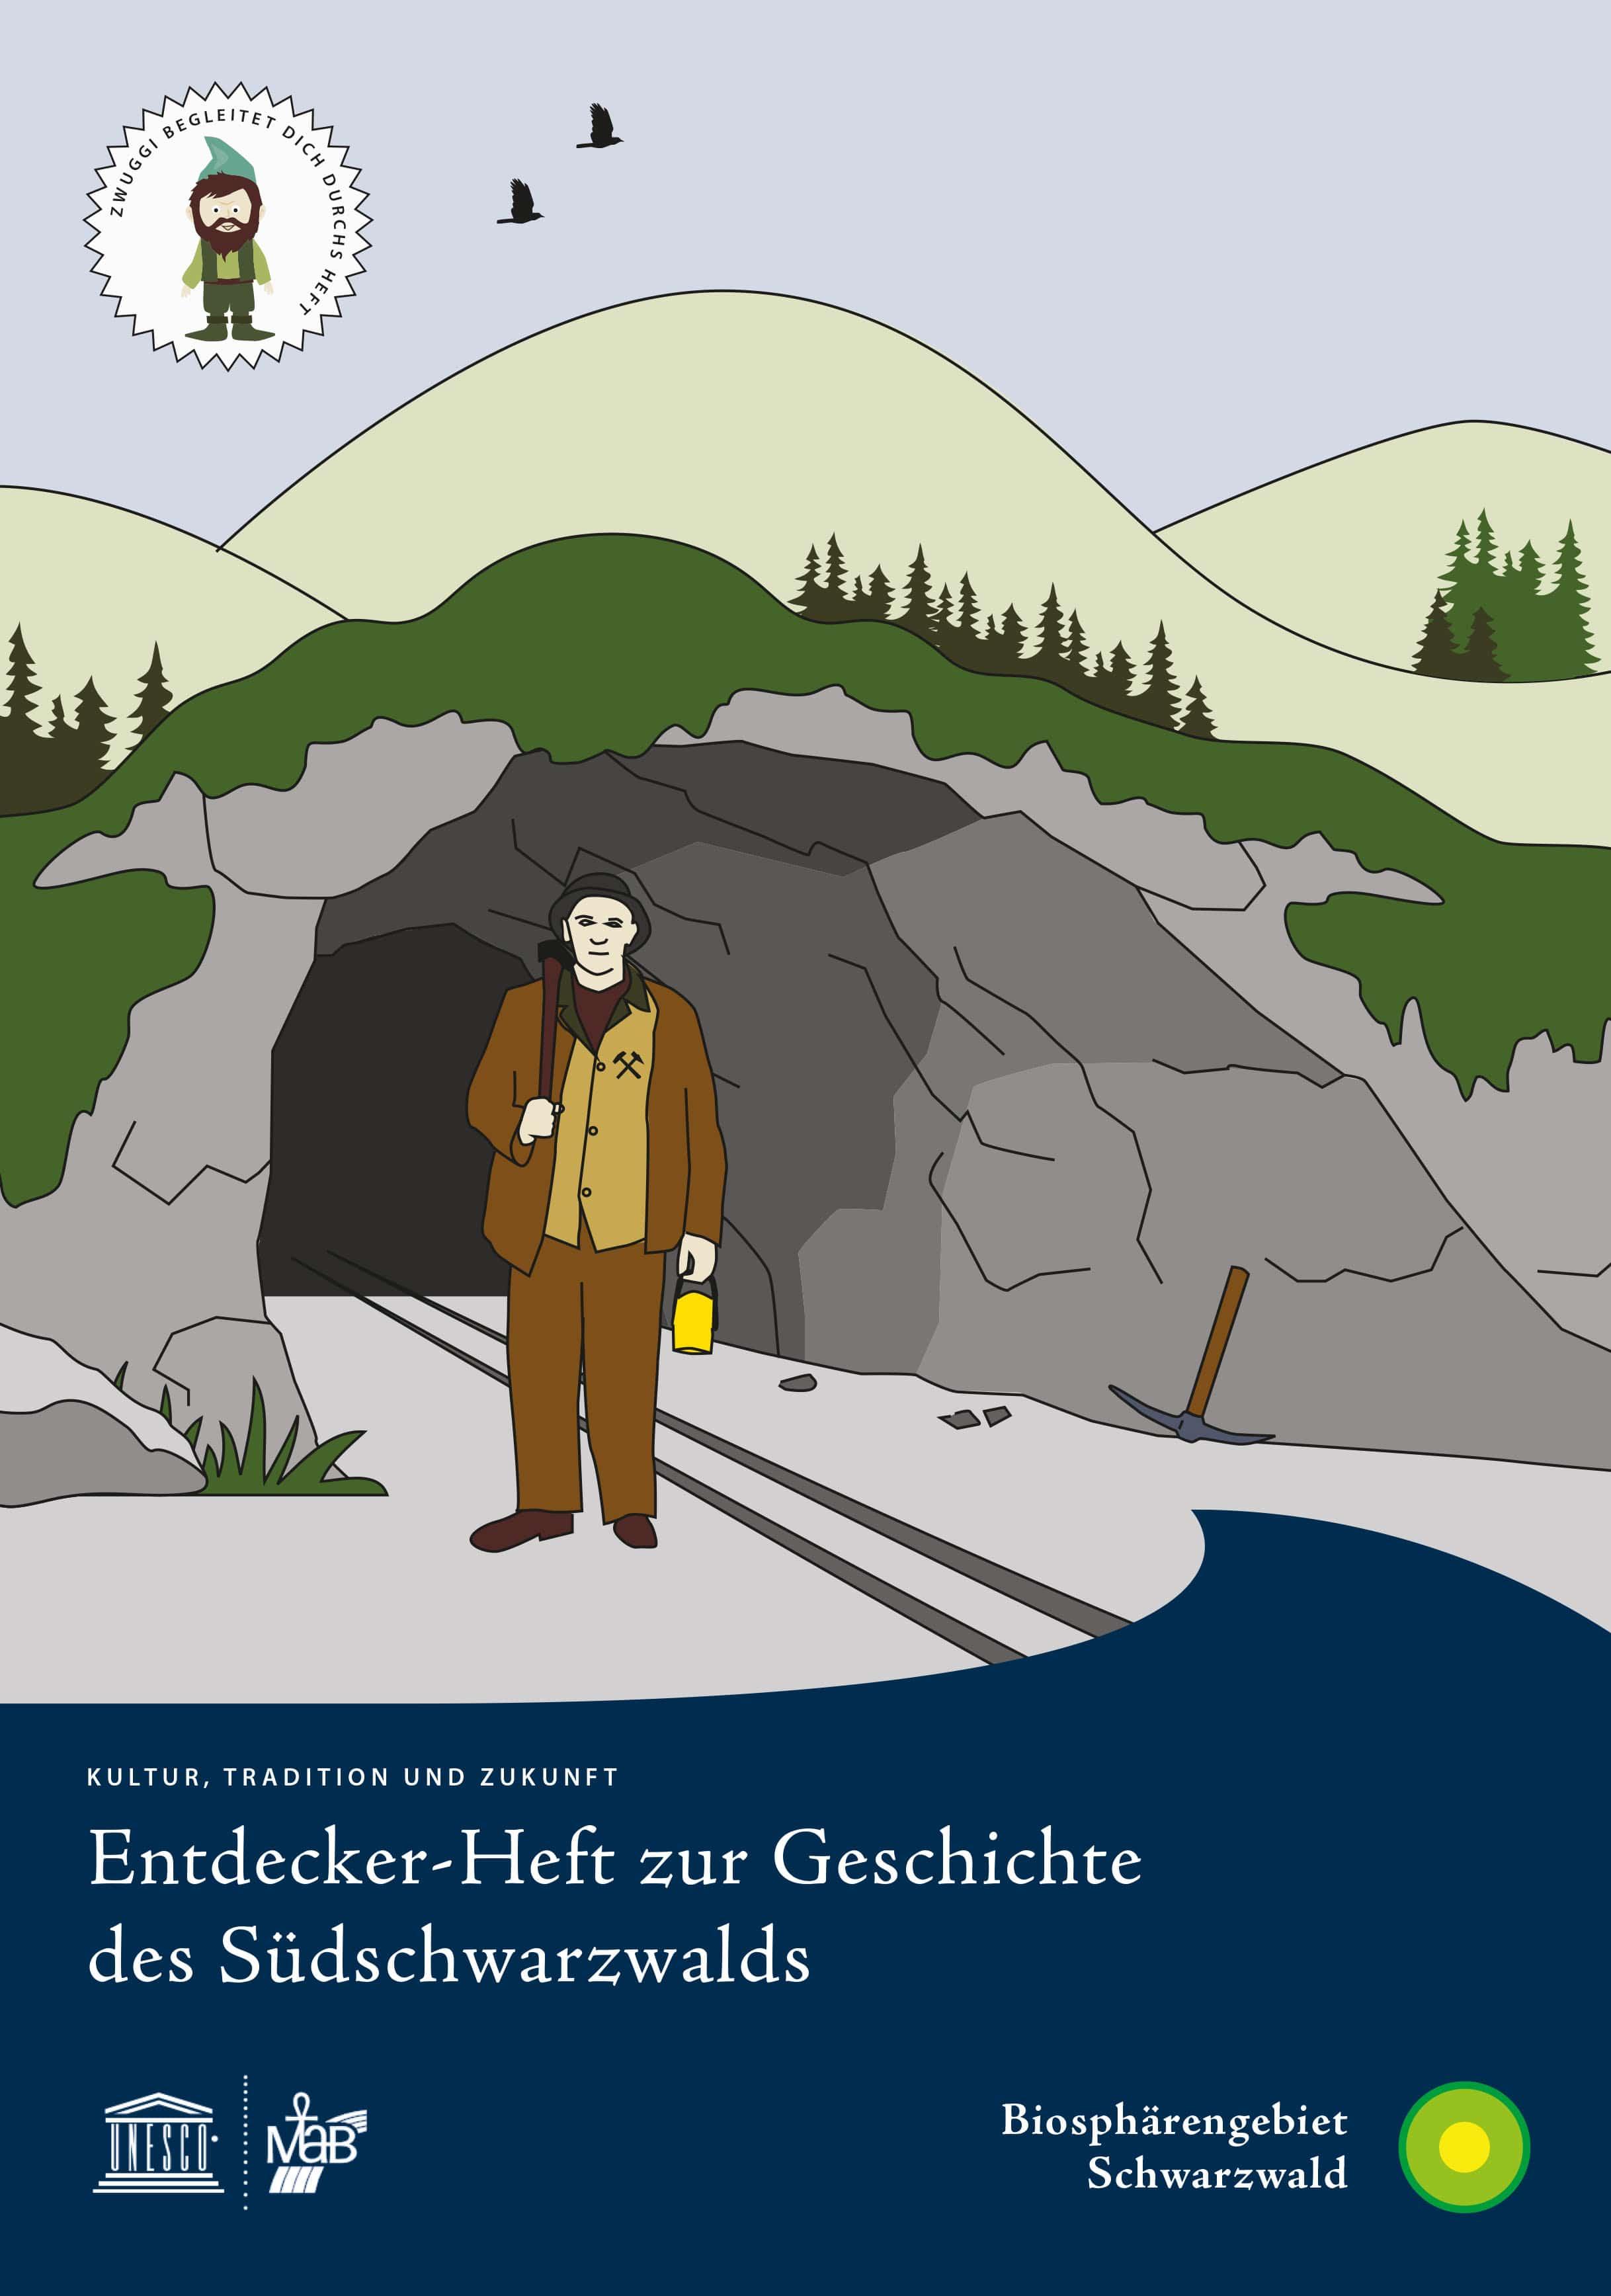 """Mit """"Zwuggi"""" auf Zeitreise gehen: Neues Entdeckerheft wandelt auf den Spuren der Geschichte des Südschwarzwalds"""